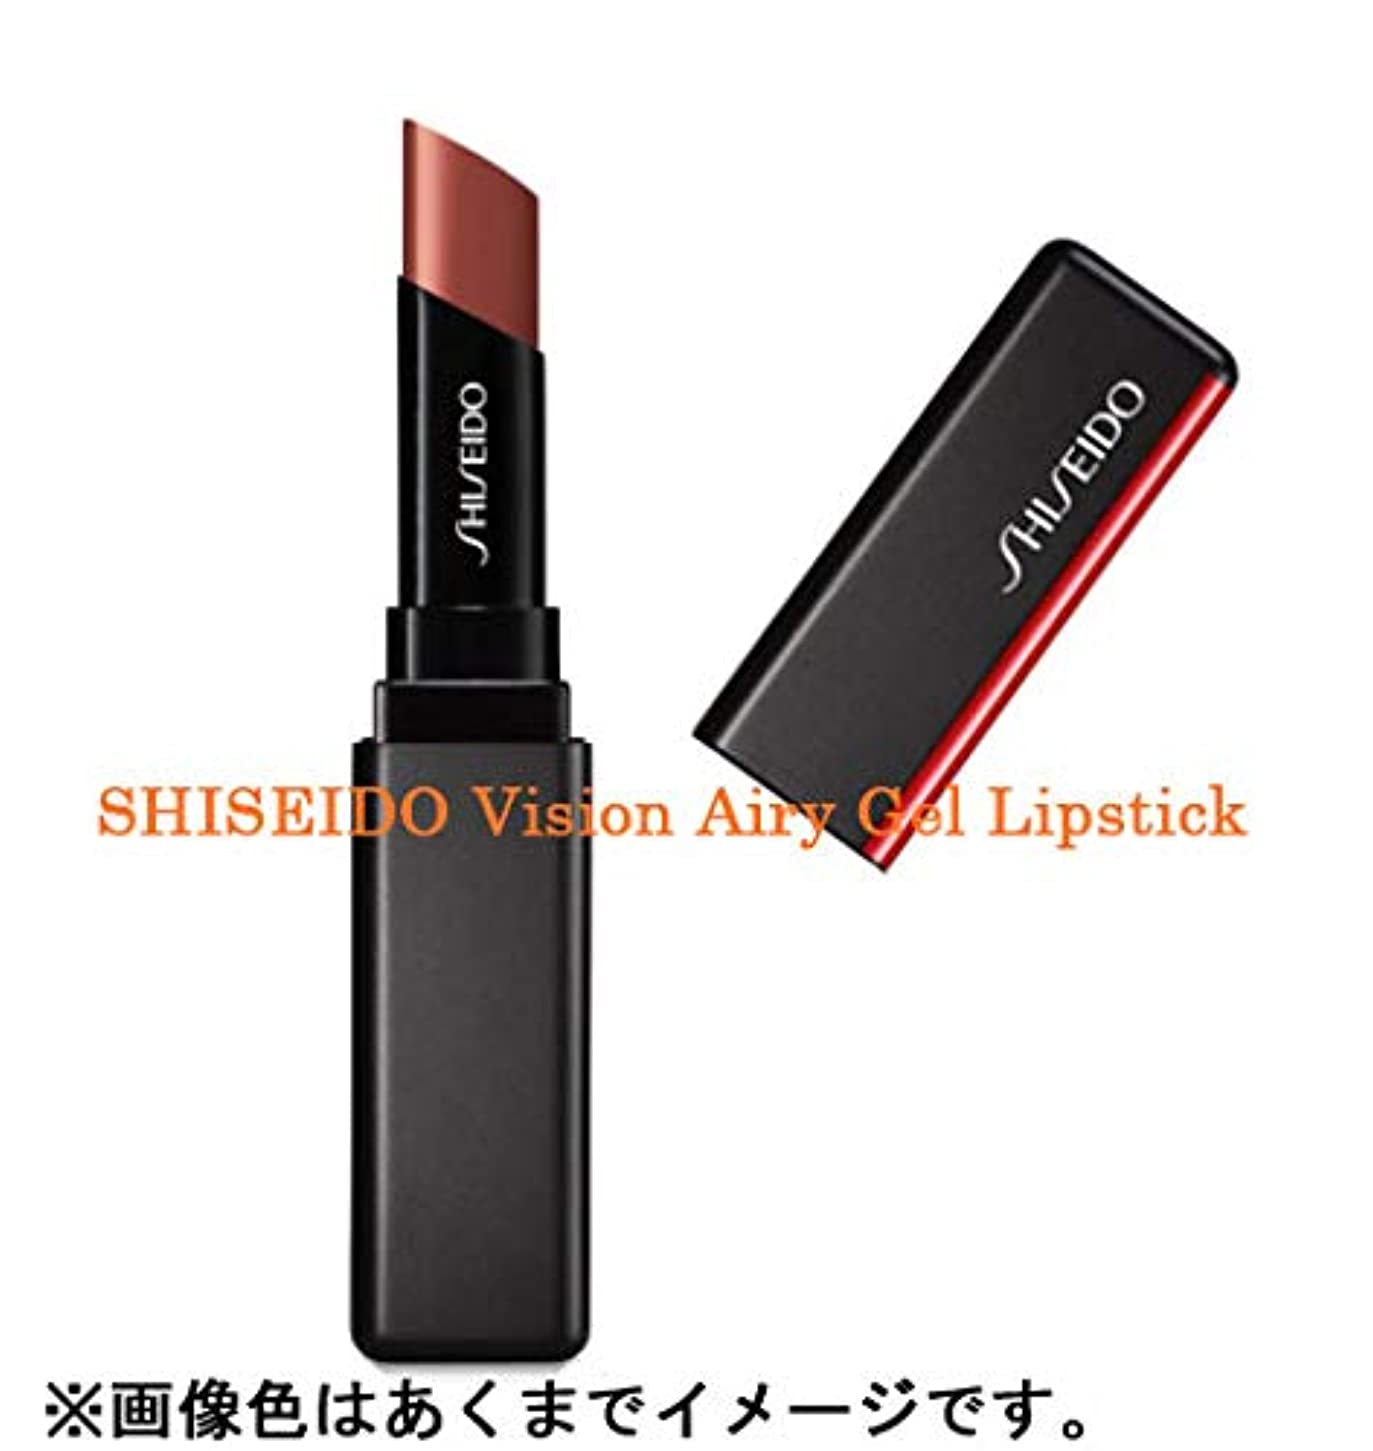 ワーディアンケースパイ銅SHISEIDO Makeup(資生堂 メーキャップ) SHISEIDO(資生堂) SHISEIDO ヴィジョナリー ジェルリップスティック 1.6g (215)